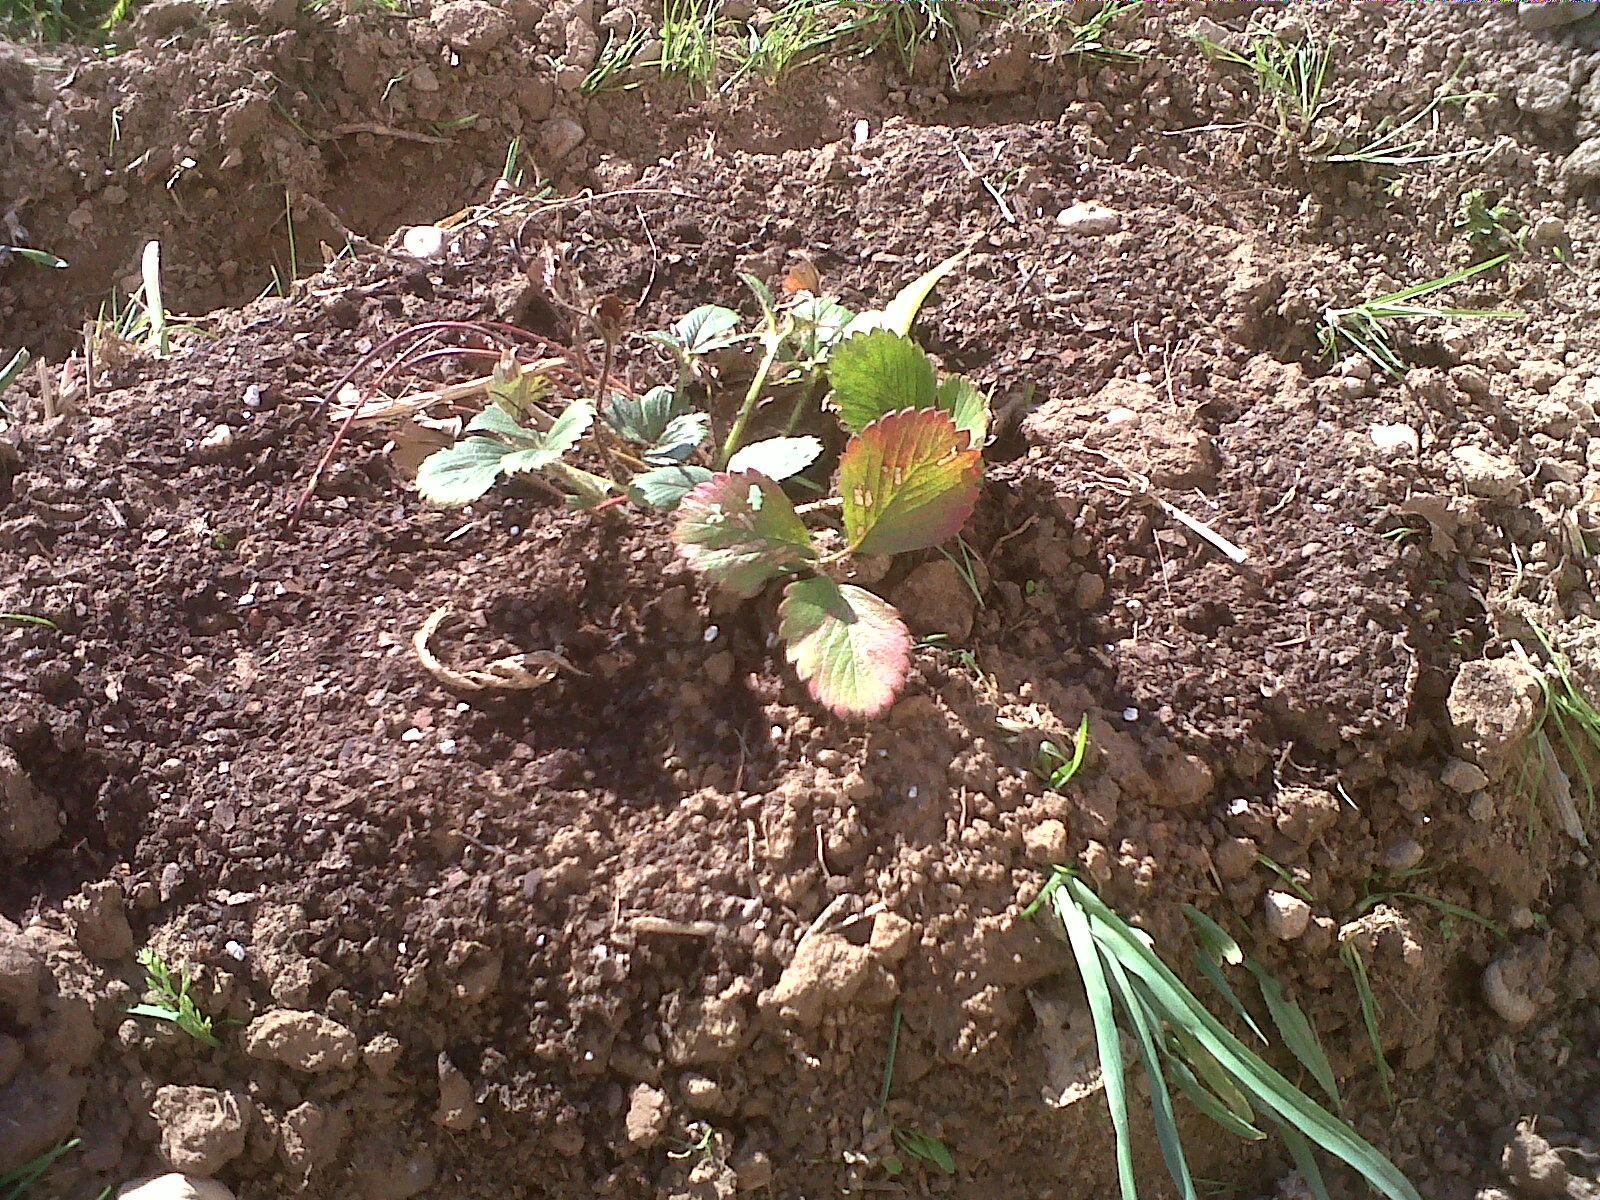 La Huerta Ecol Gica De Ana Cultivo De Fresas ~ Como Hacer Una Huerta Ecologica